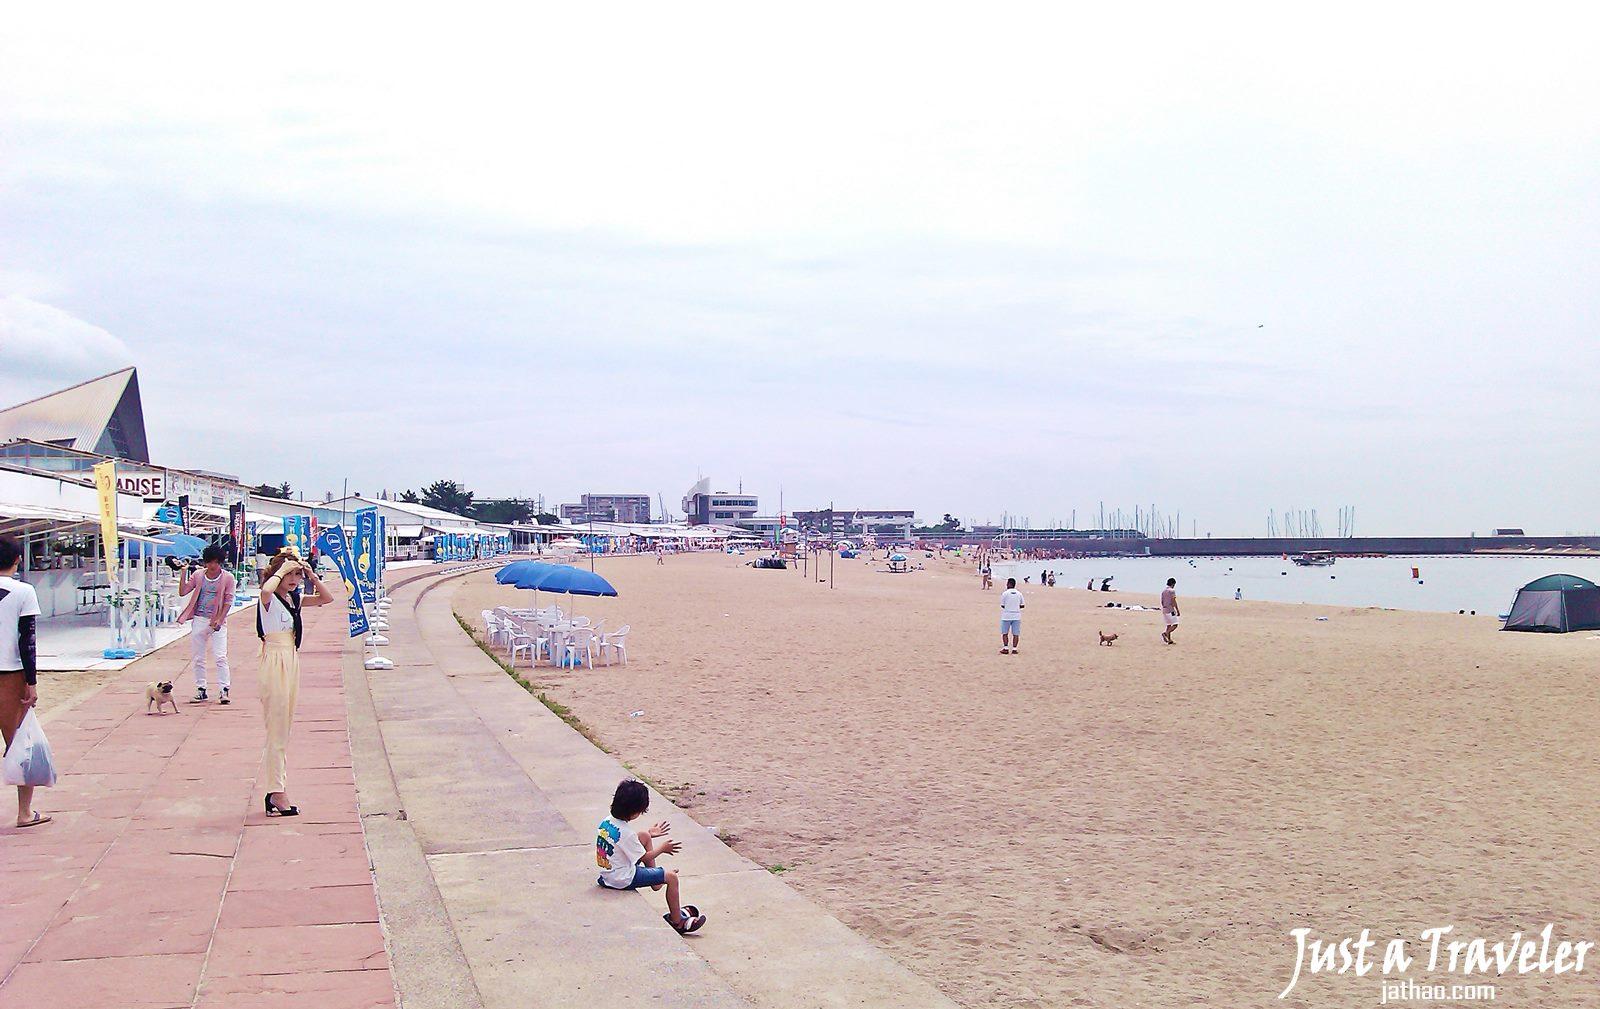 神戶-景點-推薦-須磨海濱公園-自由行-旅遊-觀光-必遊-必去-必玩-日本-kobe-tourist-attraction-travel